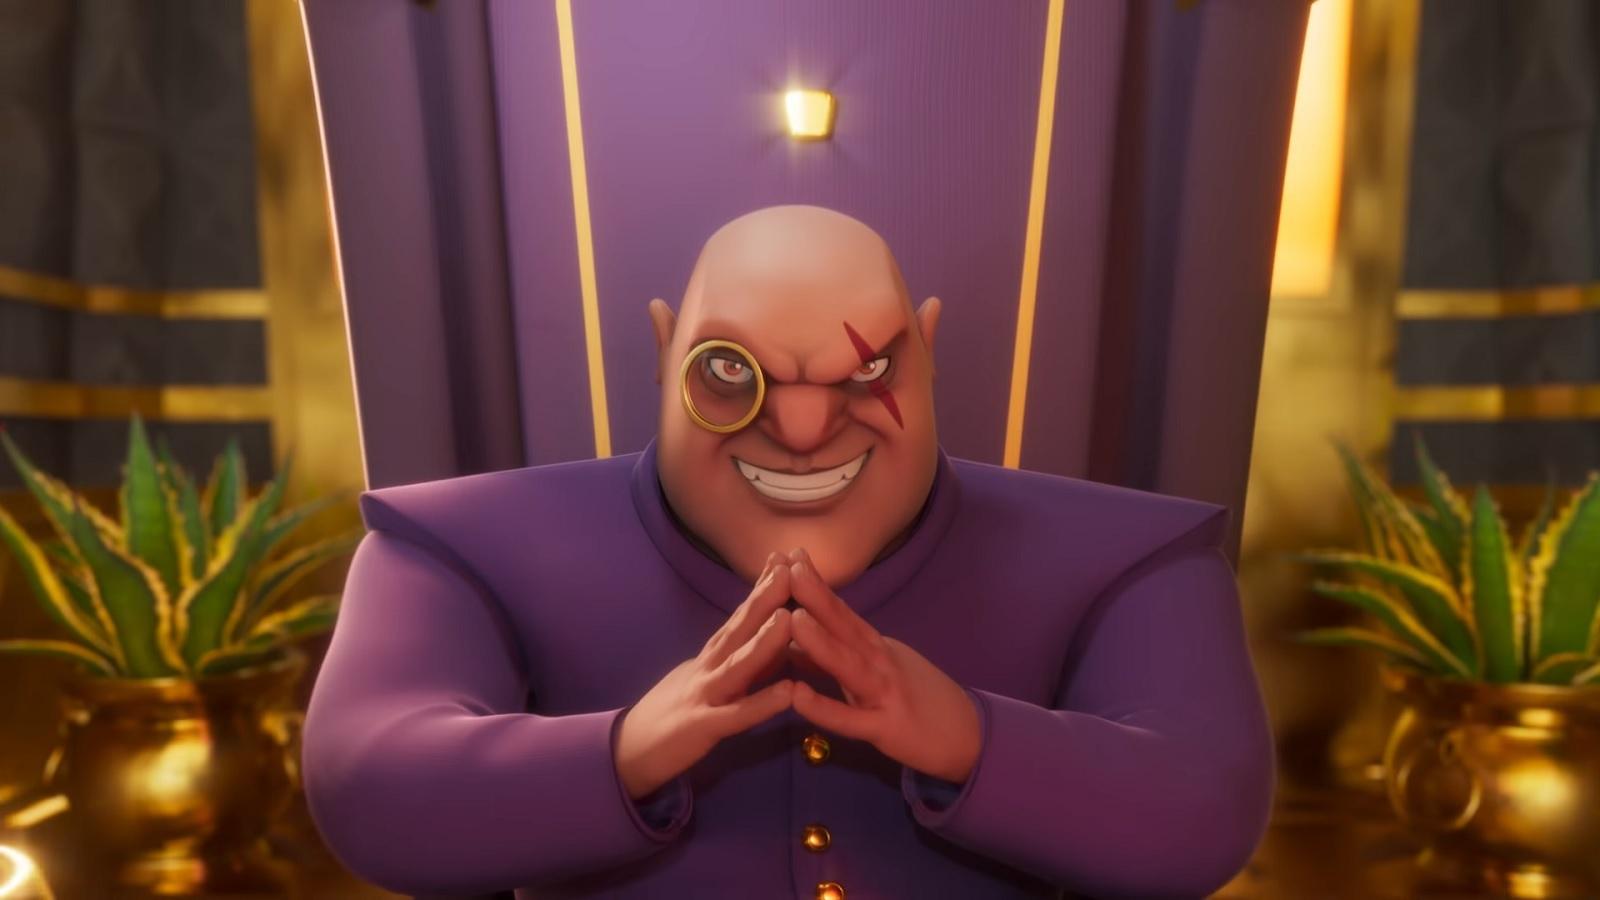 Создатели Evil Genius 2 показали обзорный трейлер, анонсировали фоторежим и рассказали о наполнении сезонного абонемента